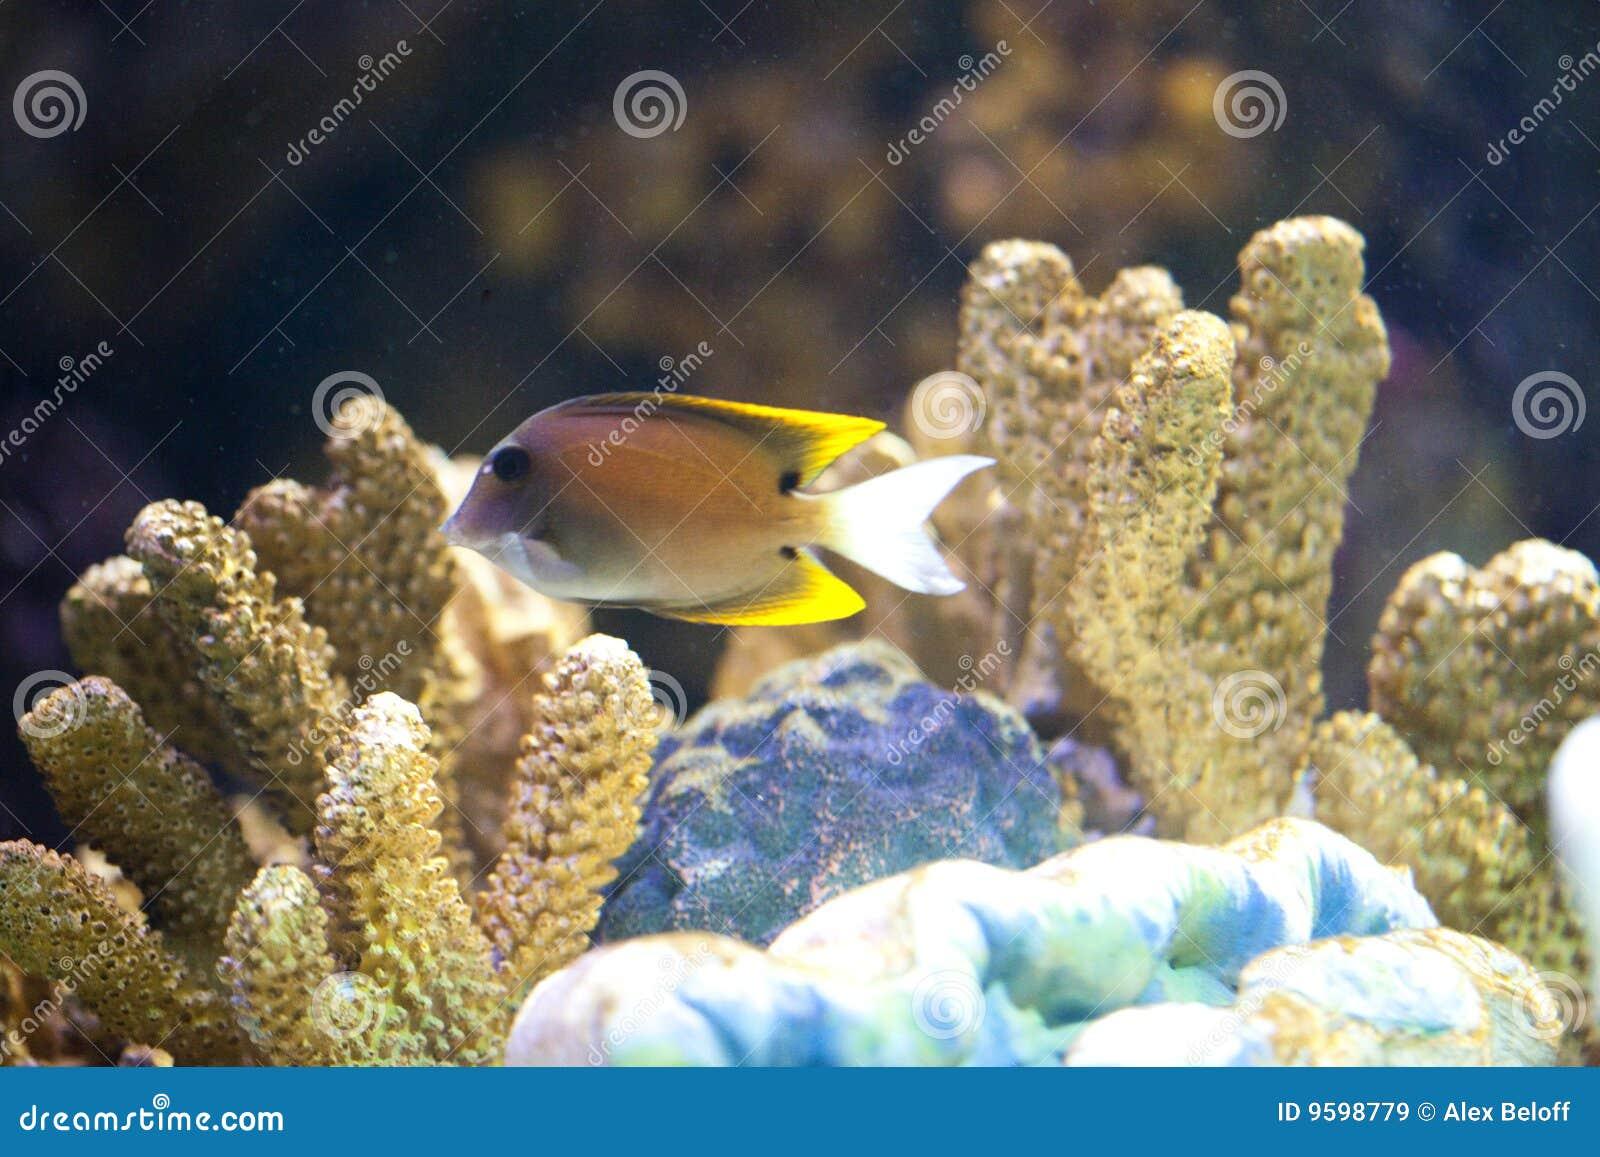 Exotische vissen in tank